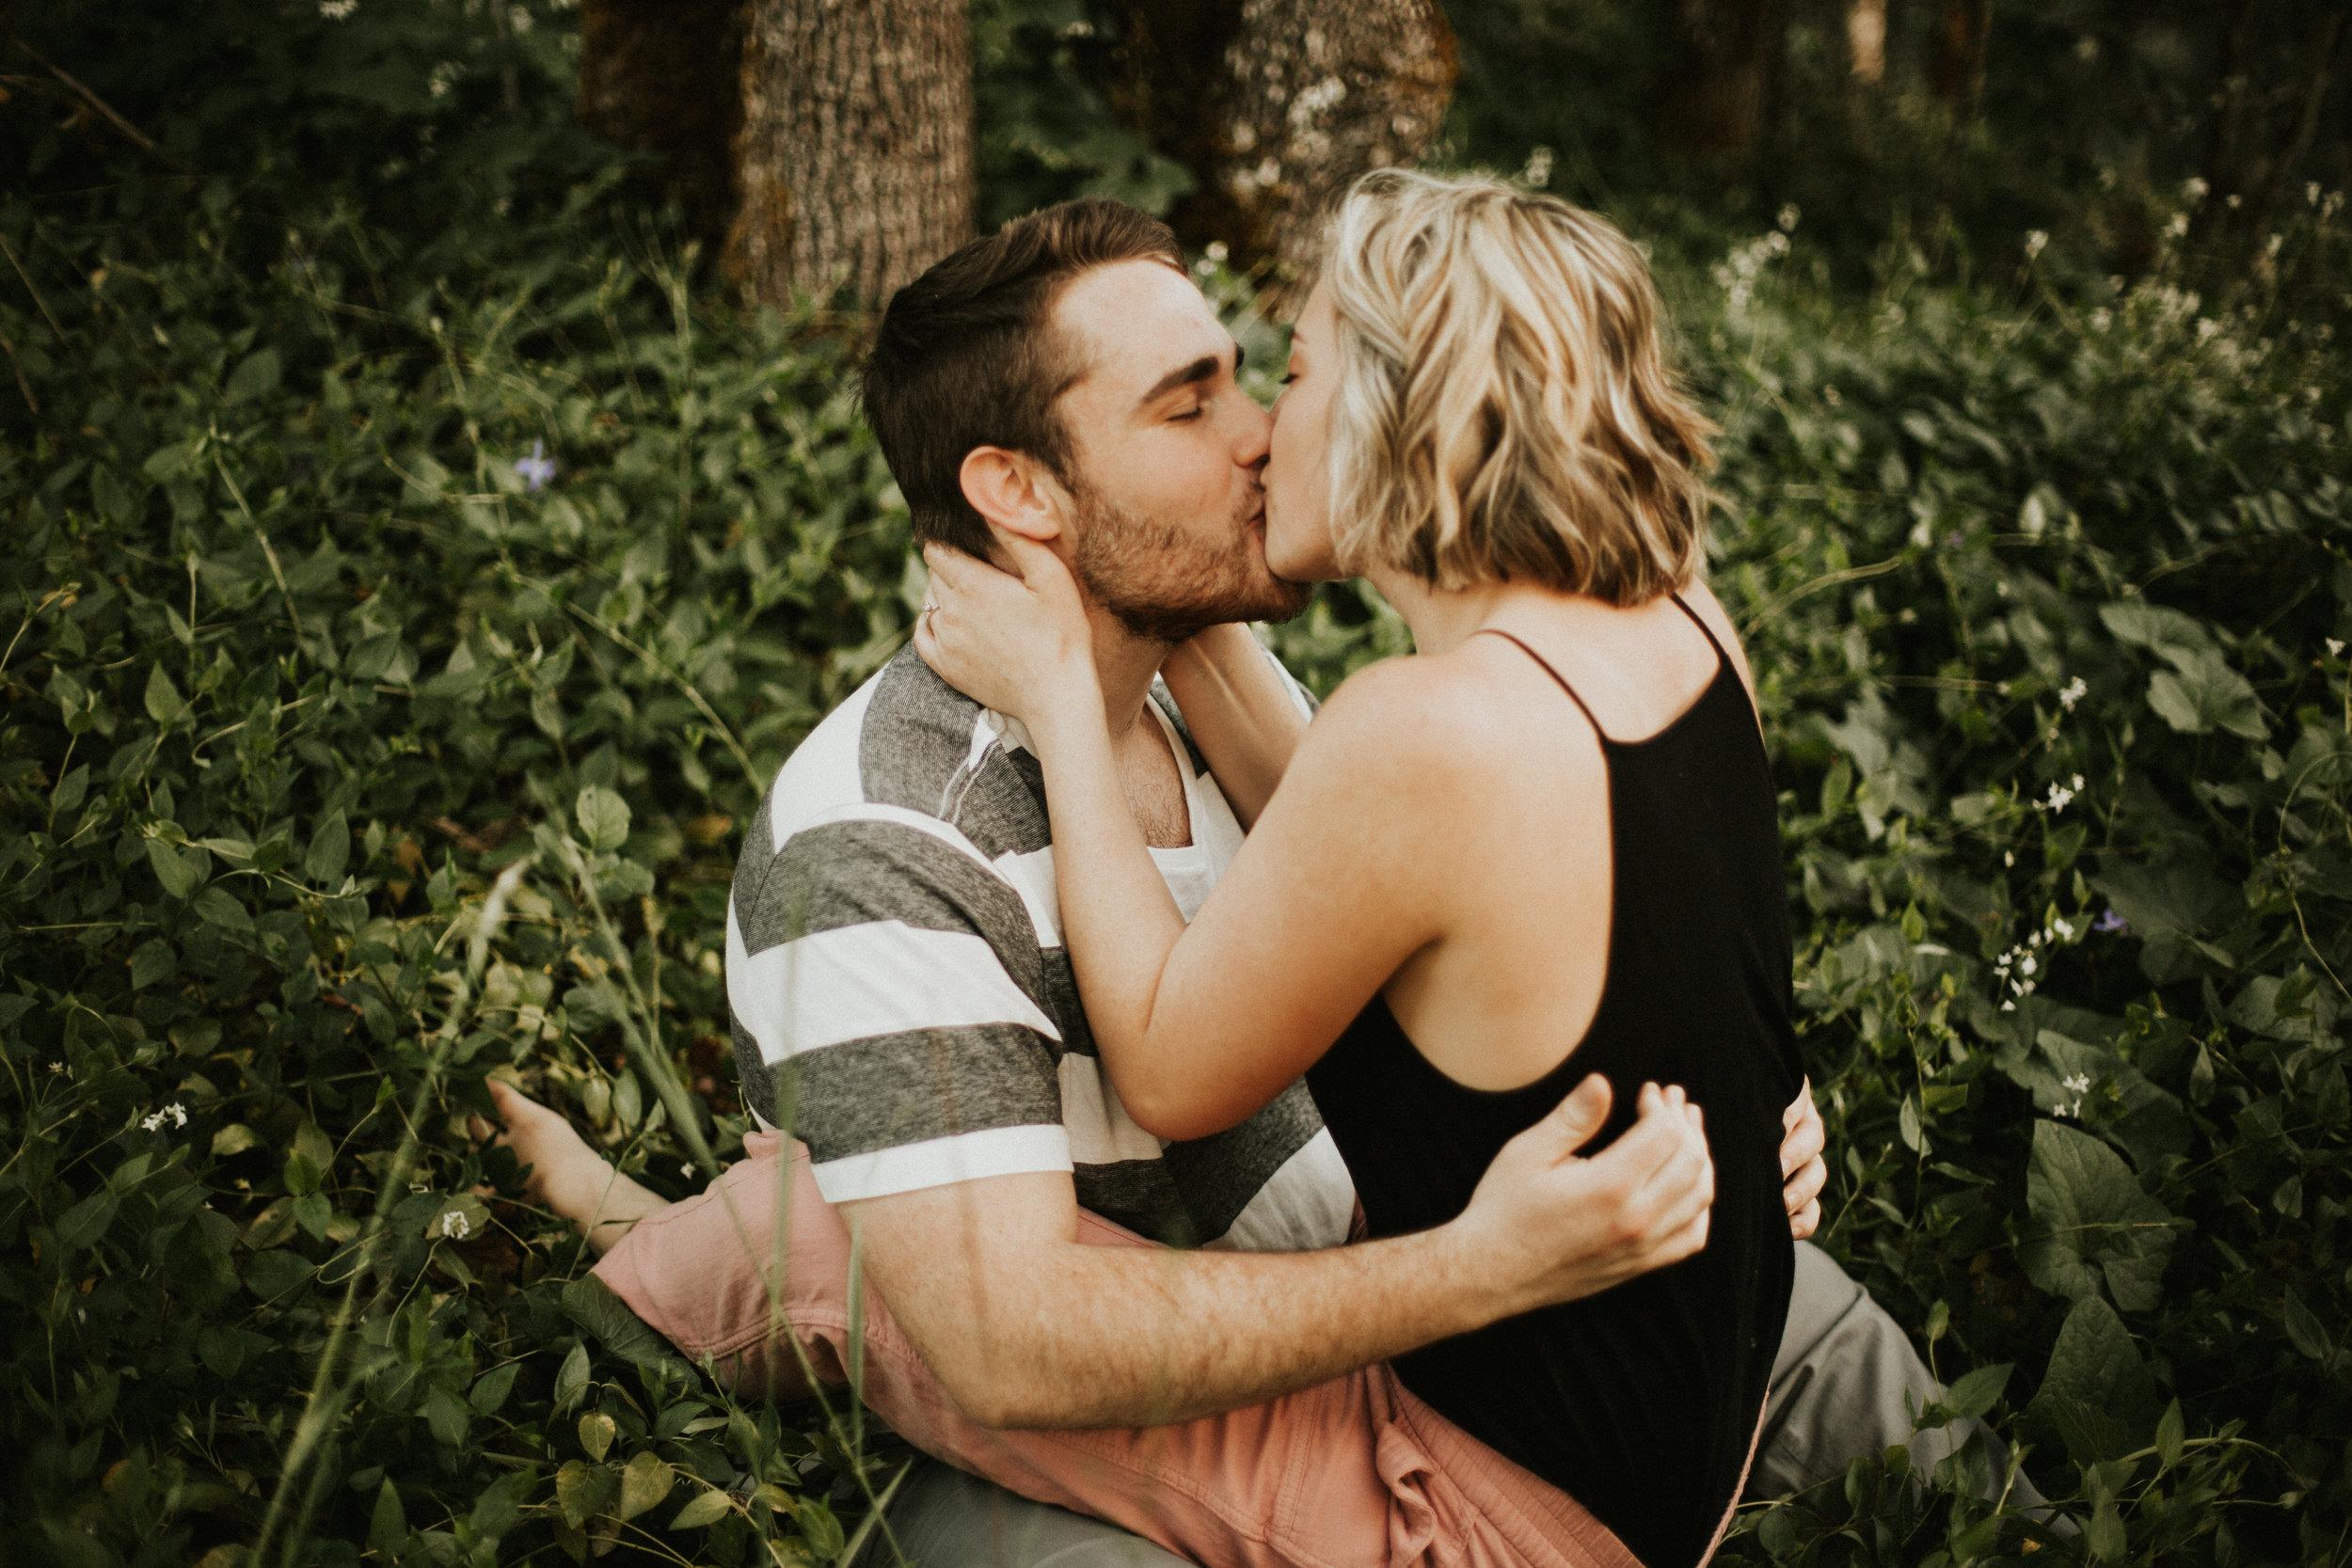 Eugene Oregon Engagement Session | Rosemary & Pine Photography